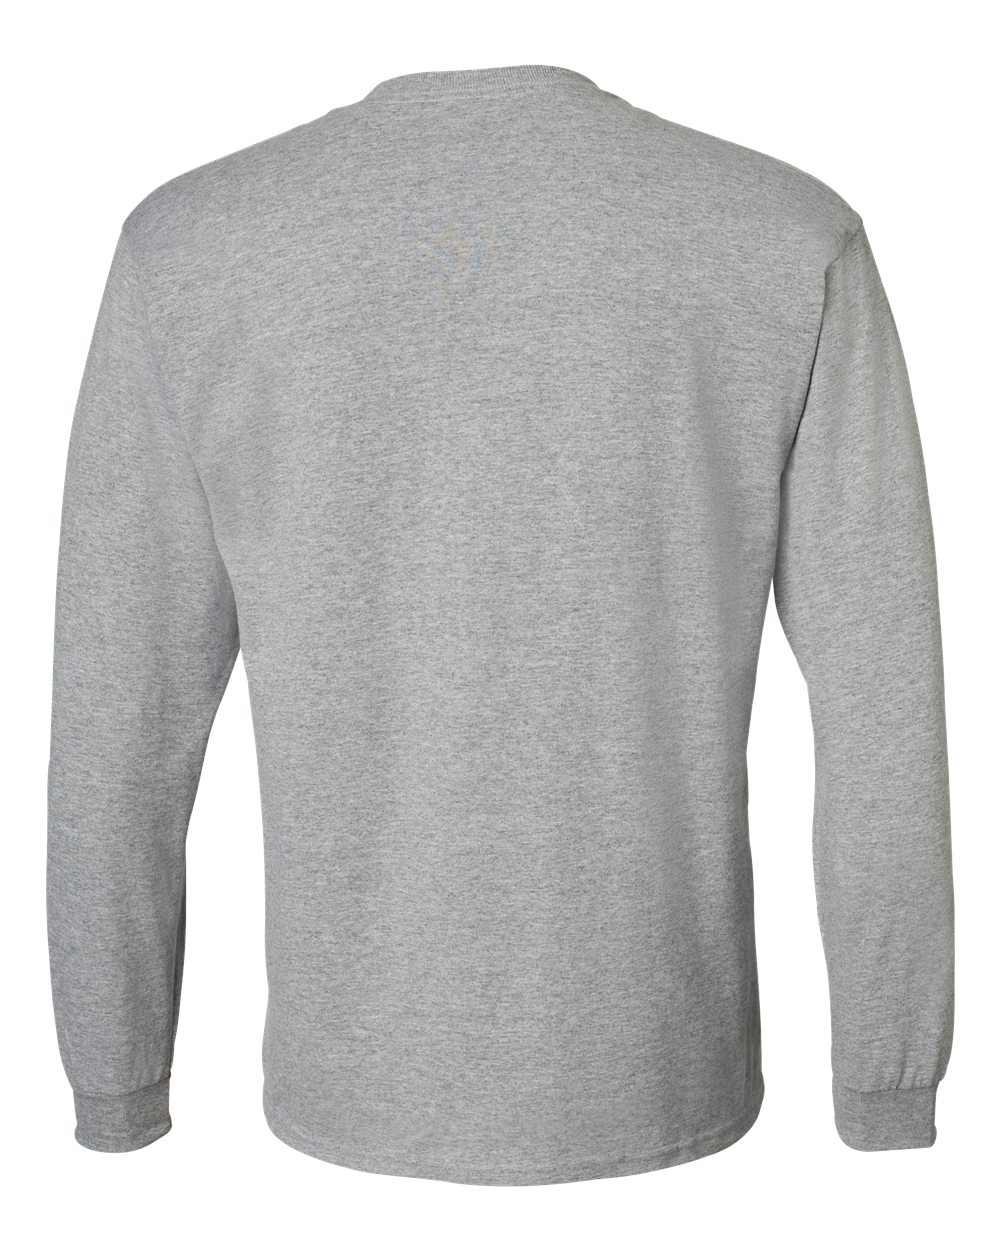 Gildan-Mens-Blank-DryBlend-50-50-Cotton-Long-Sleeve-T-Shirt-8400-up-to-3XL miniature 46